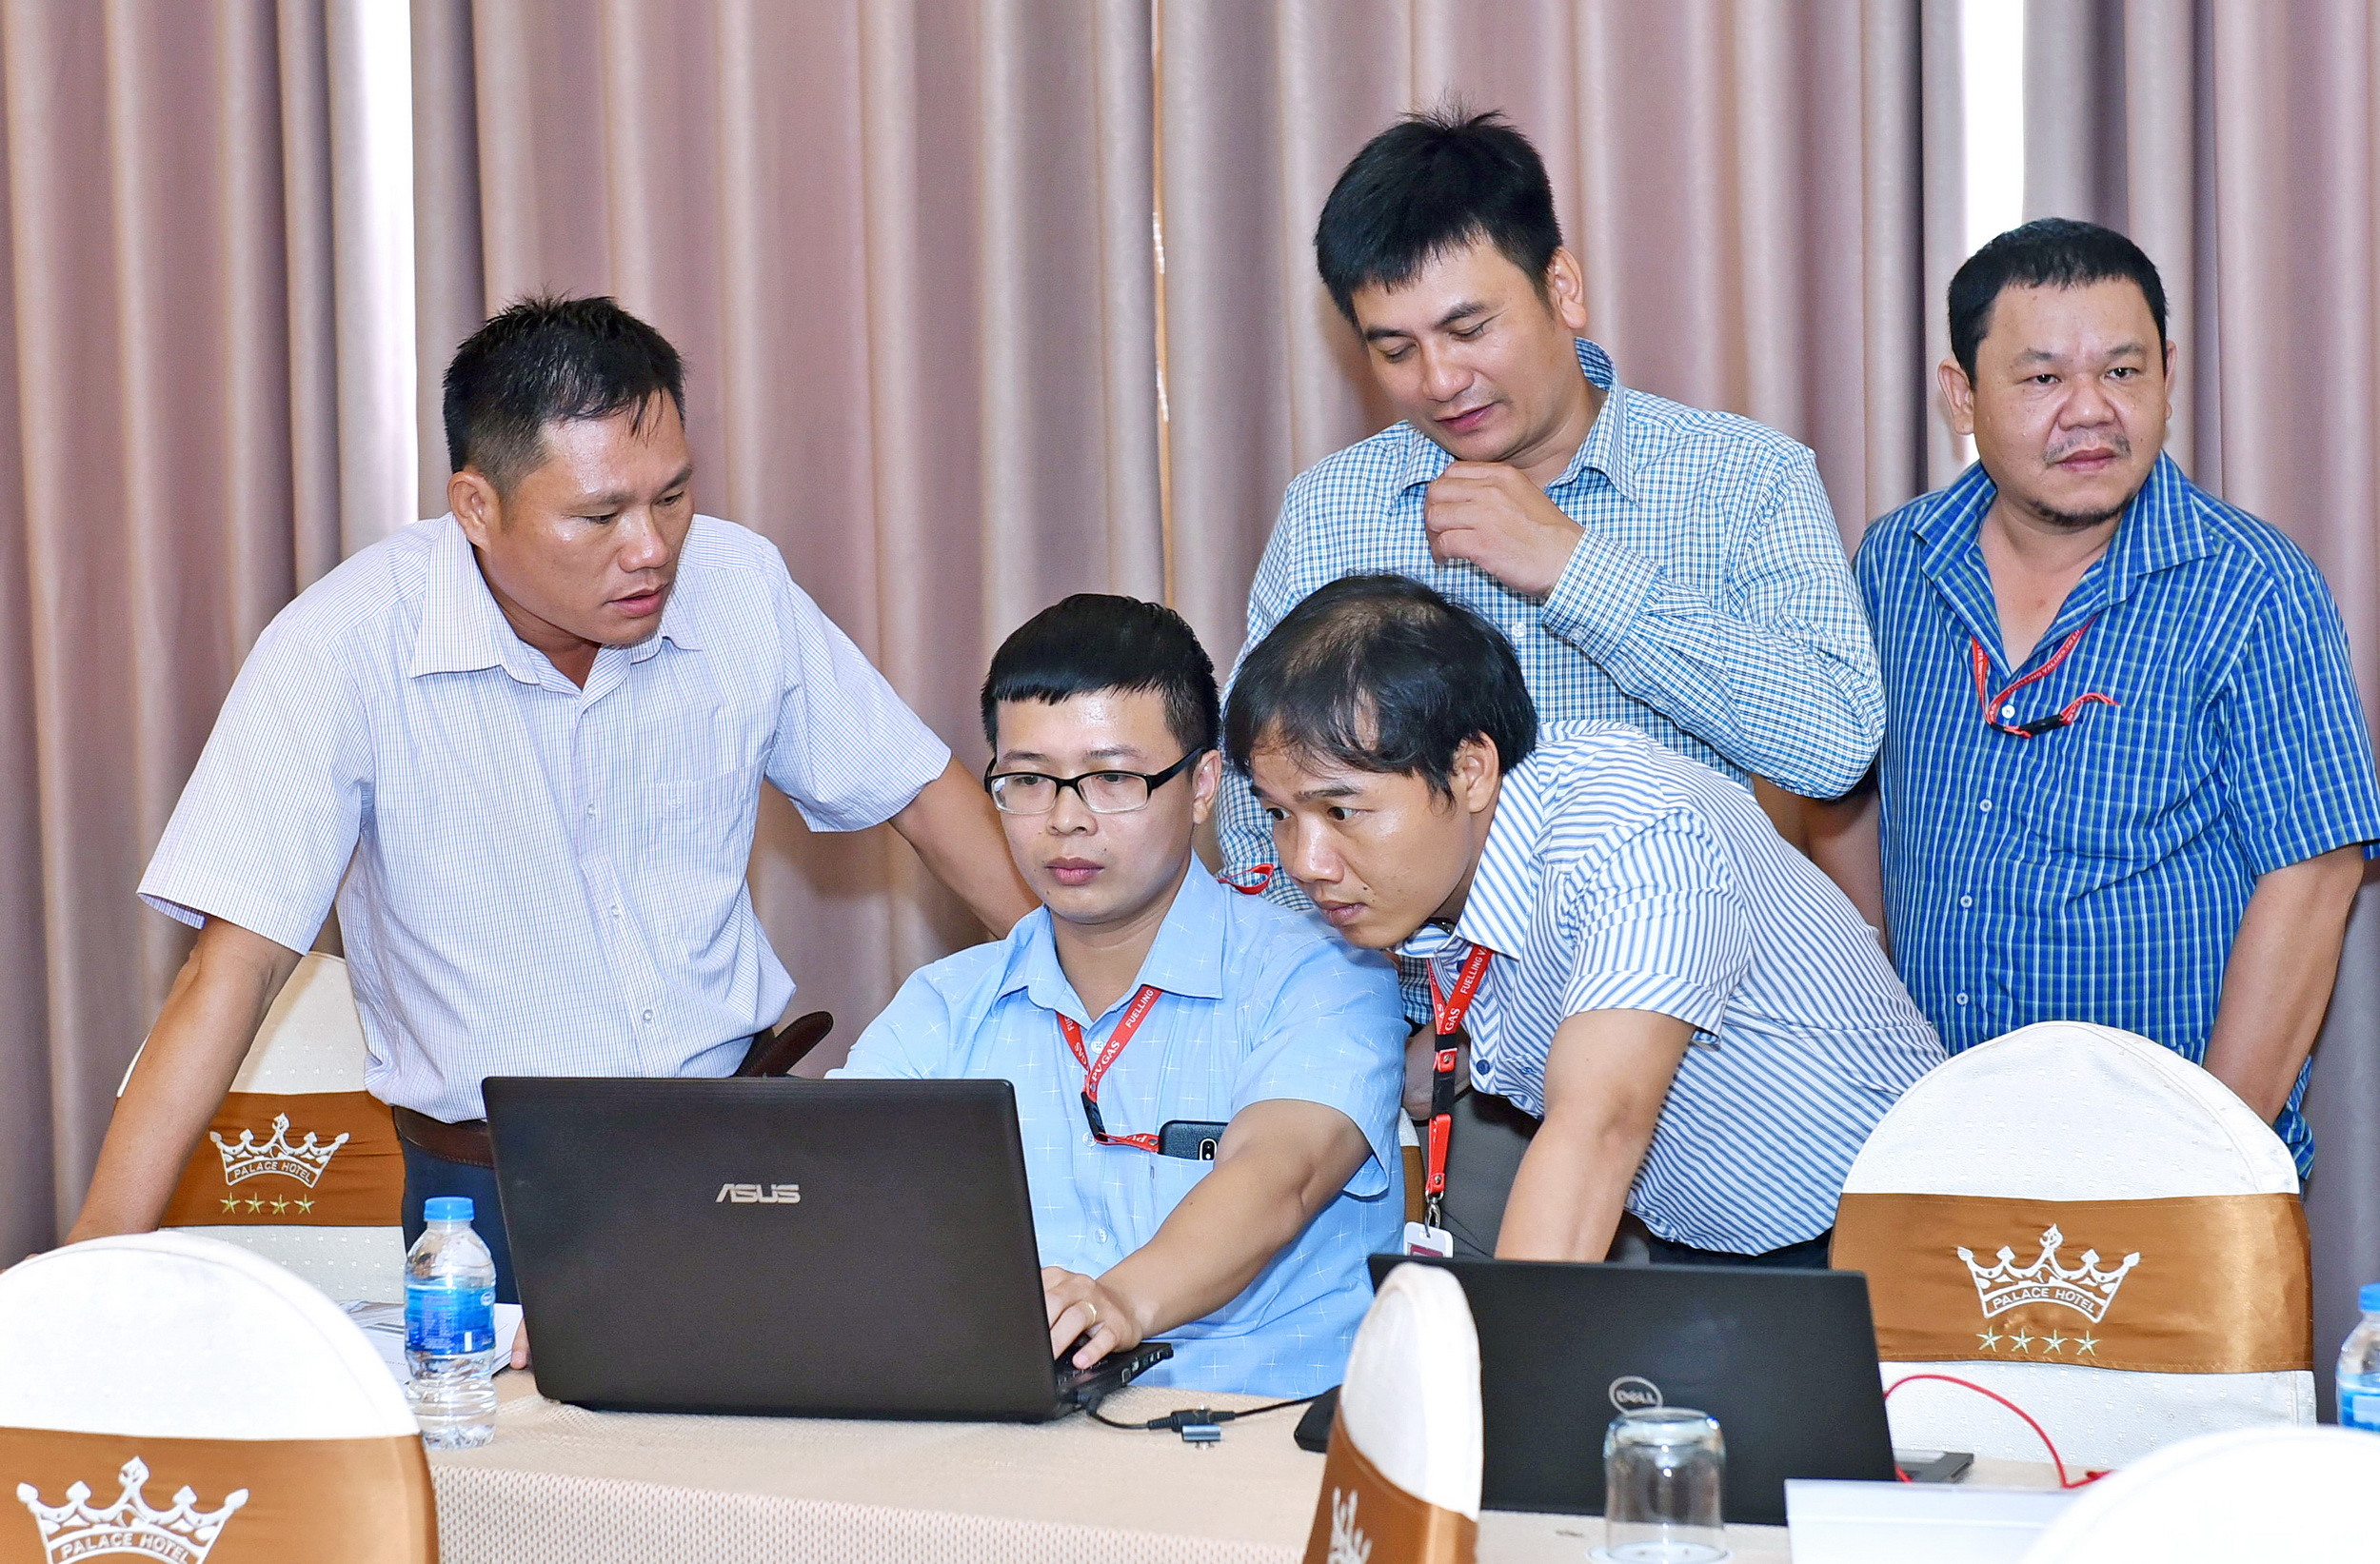 KĐN thường xuyên khuyến khích phong trào sáng kiến sáng tạo trong CBCNV